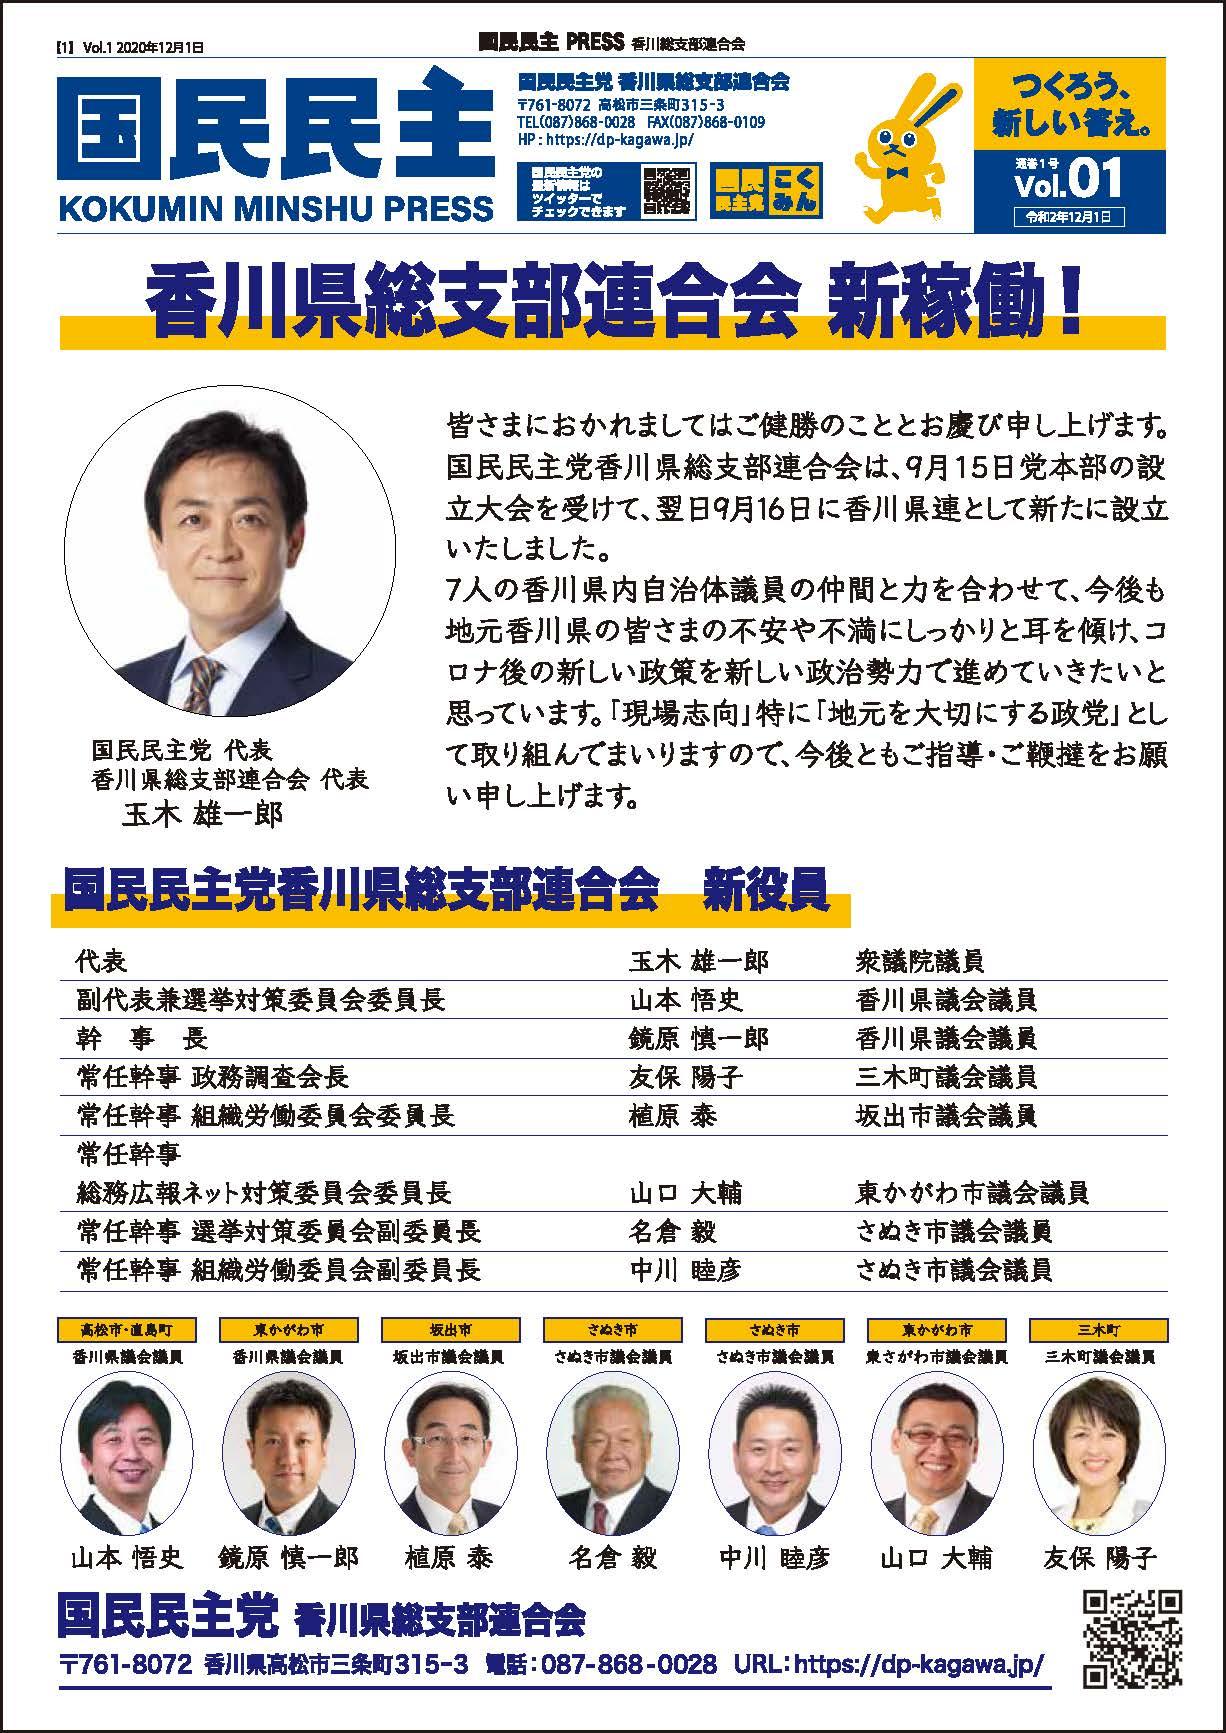 2020/12/01発行 国民民主党香川県連チラシ